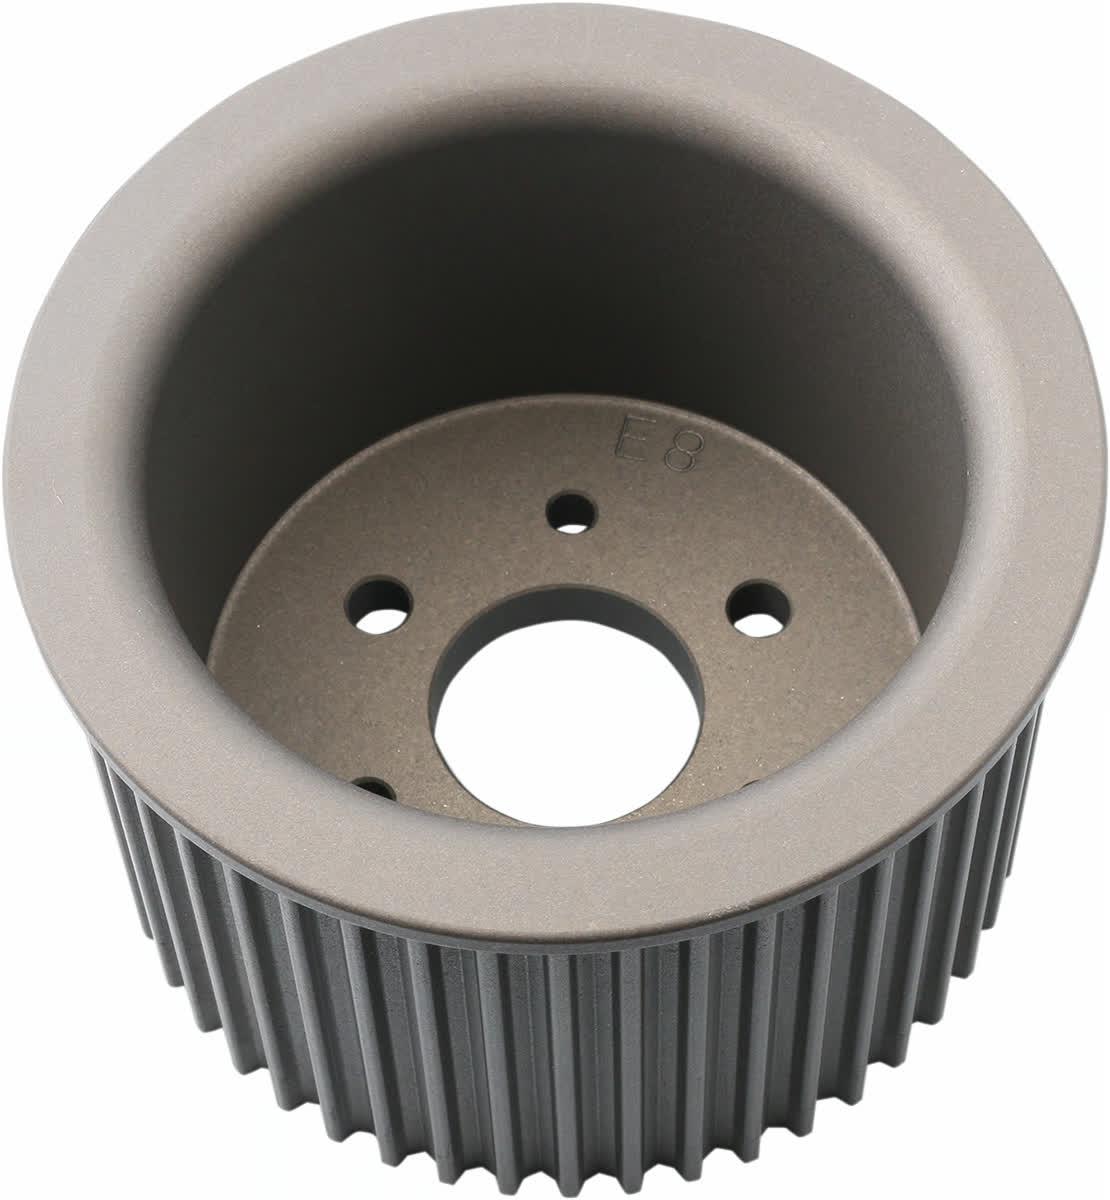 Belt Drives Ltd 48-EVB Replacement Motor Shaft Pulley for Belt Drive Kit